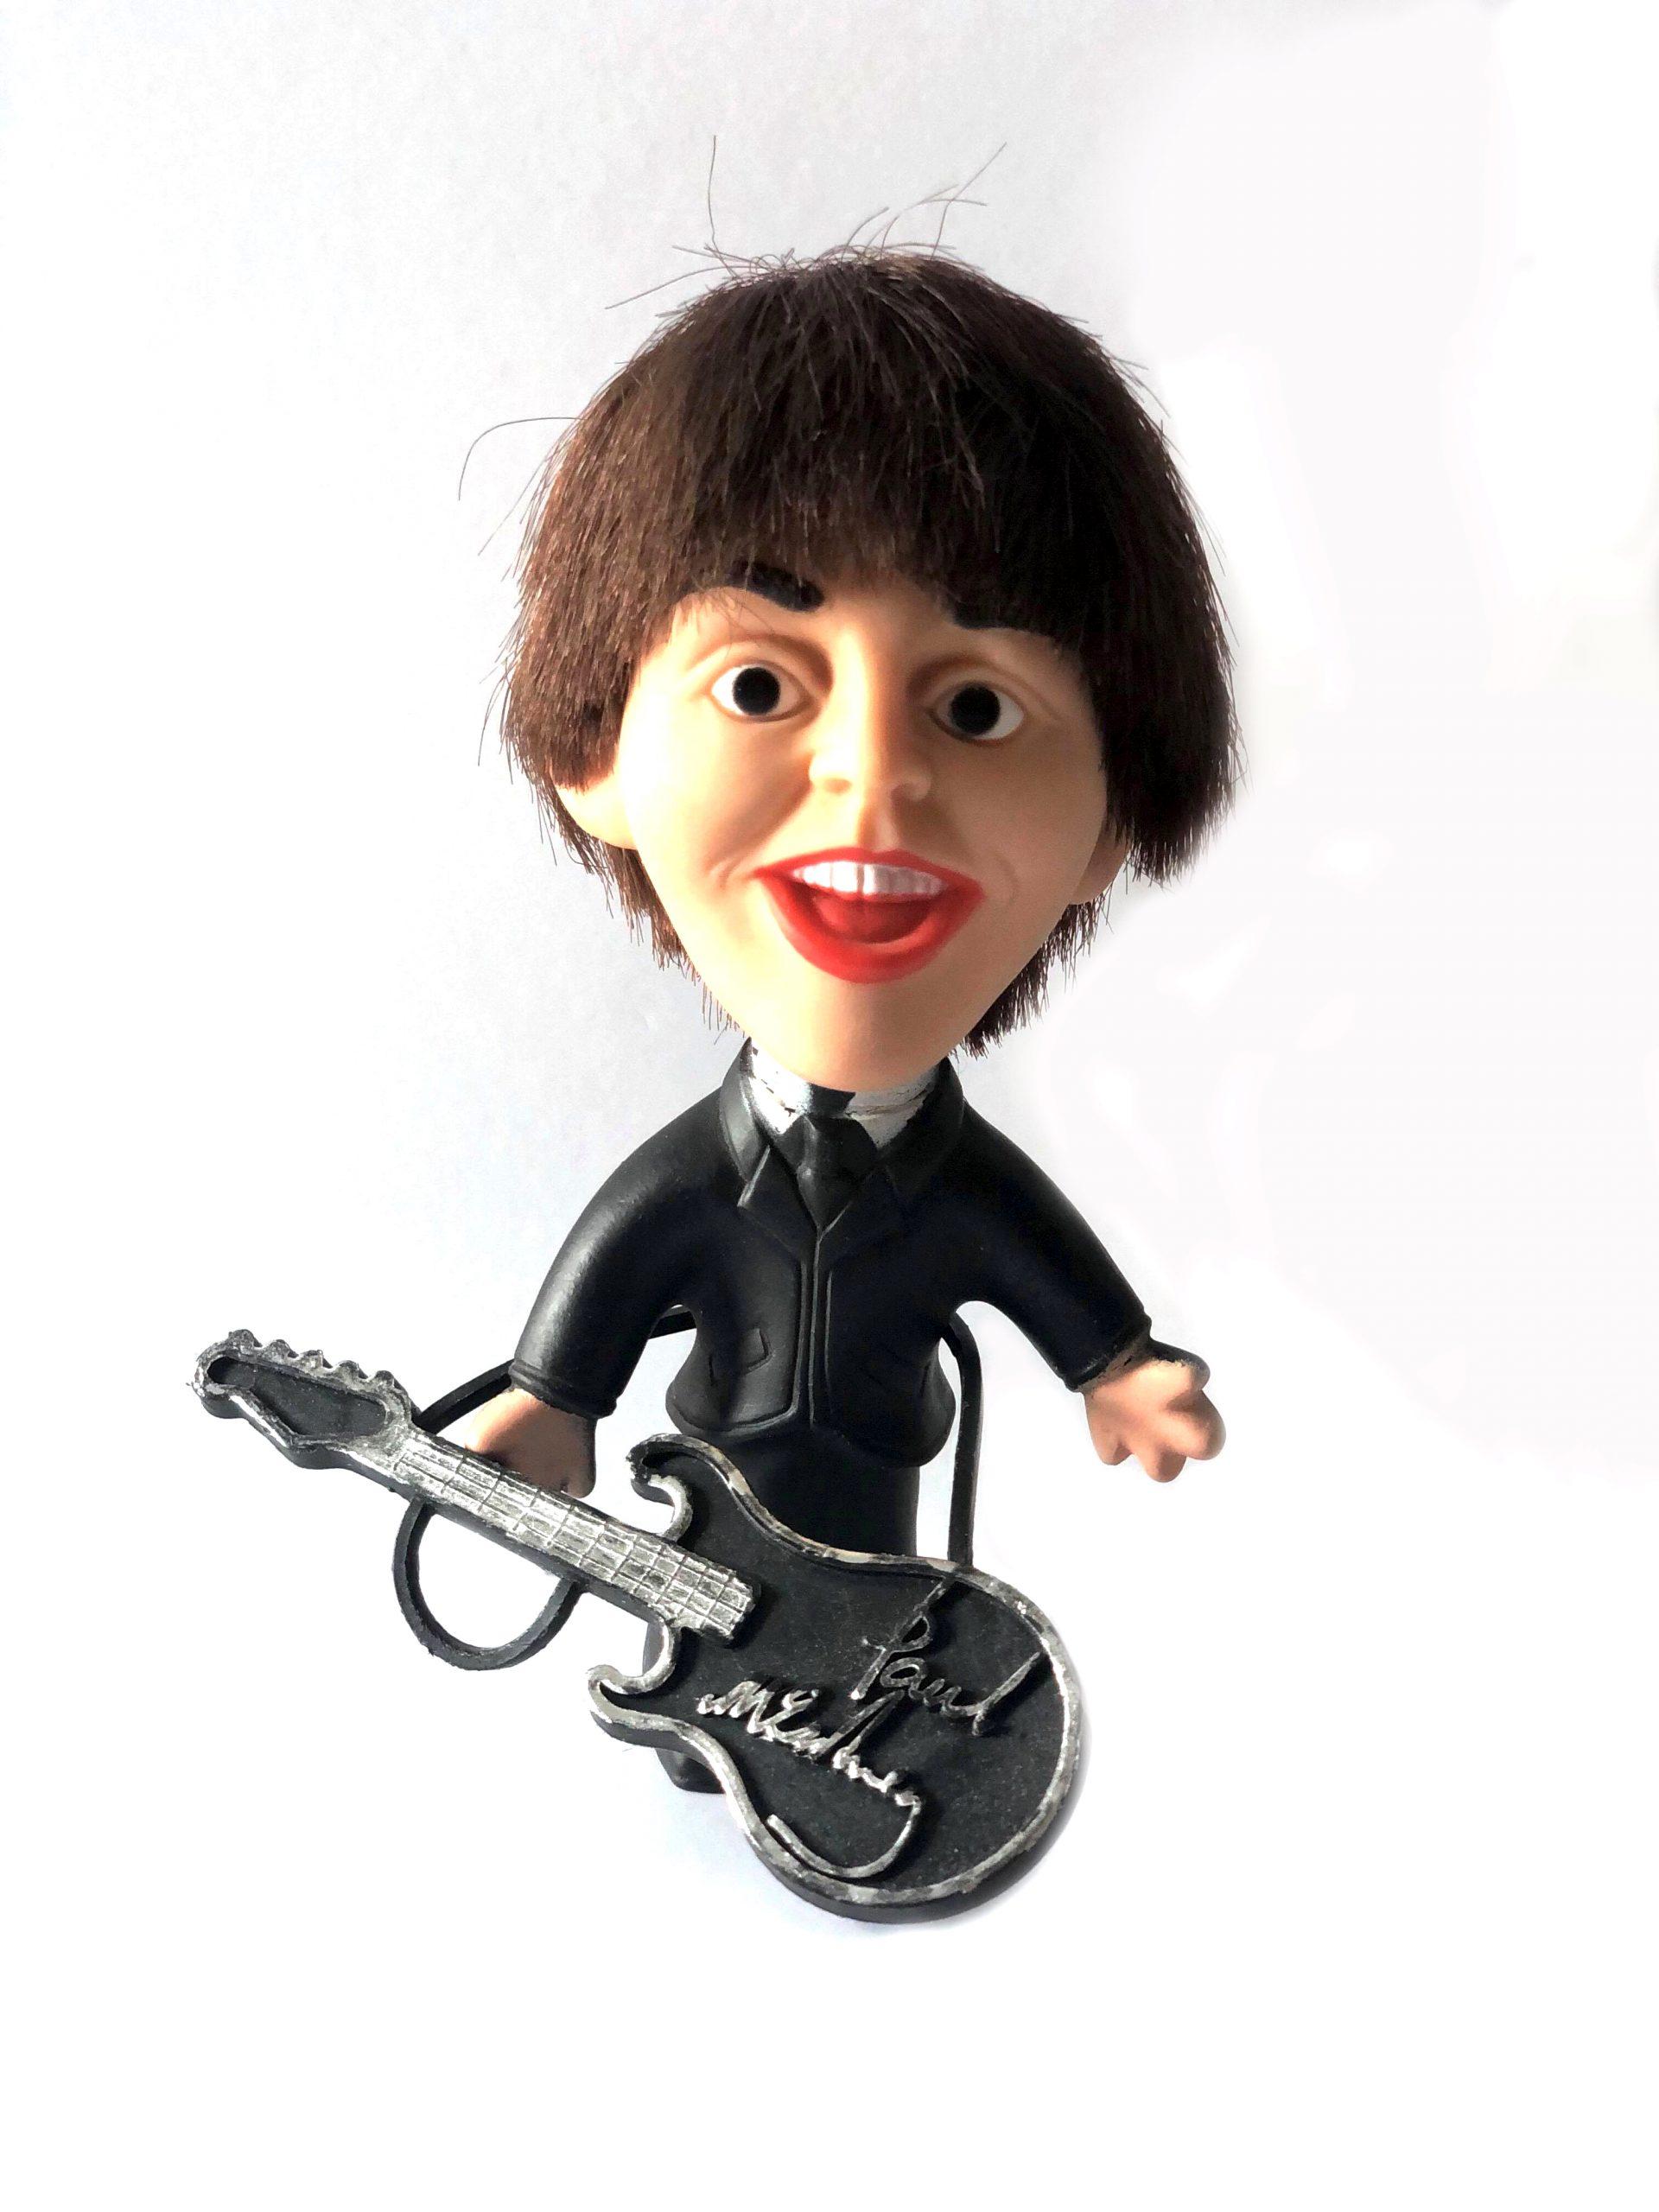 Paul McCartney Toy